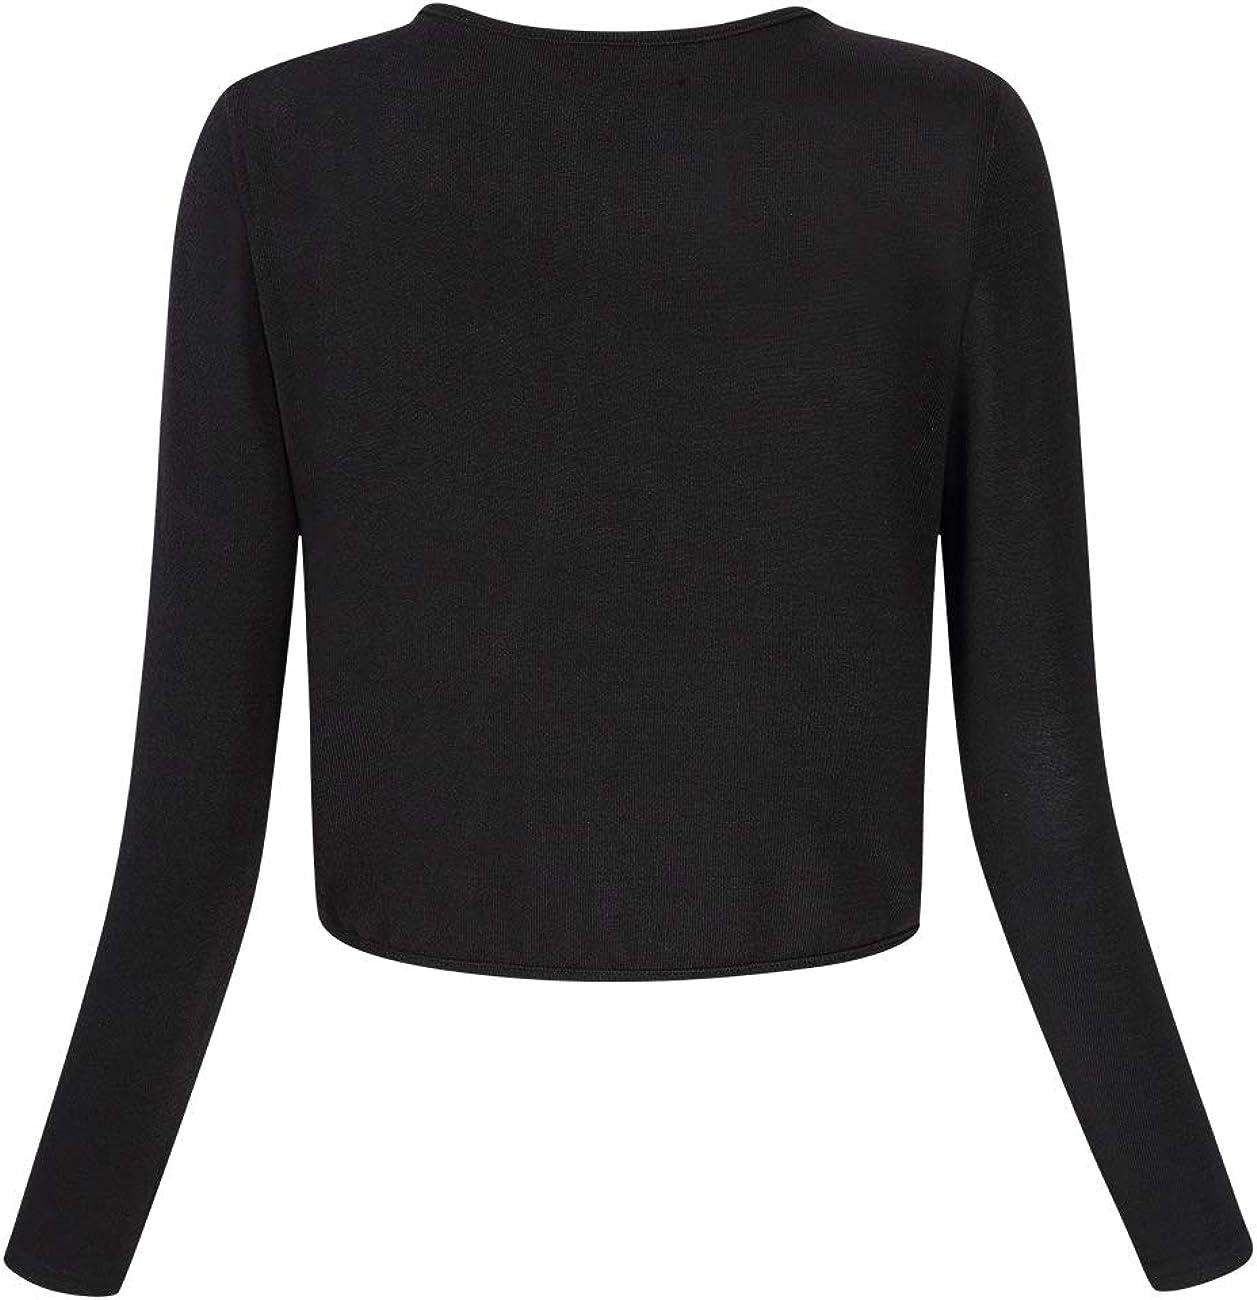 Yesfashion Women Long Sleeve Bolero Shrugs Knit Cropped Cardigan Sweater Shrug Bolero Jackets